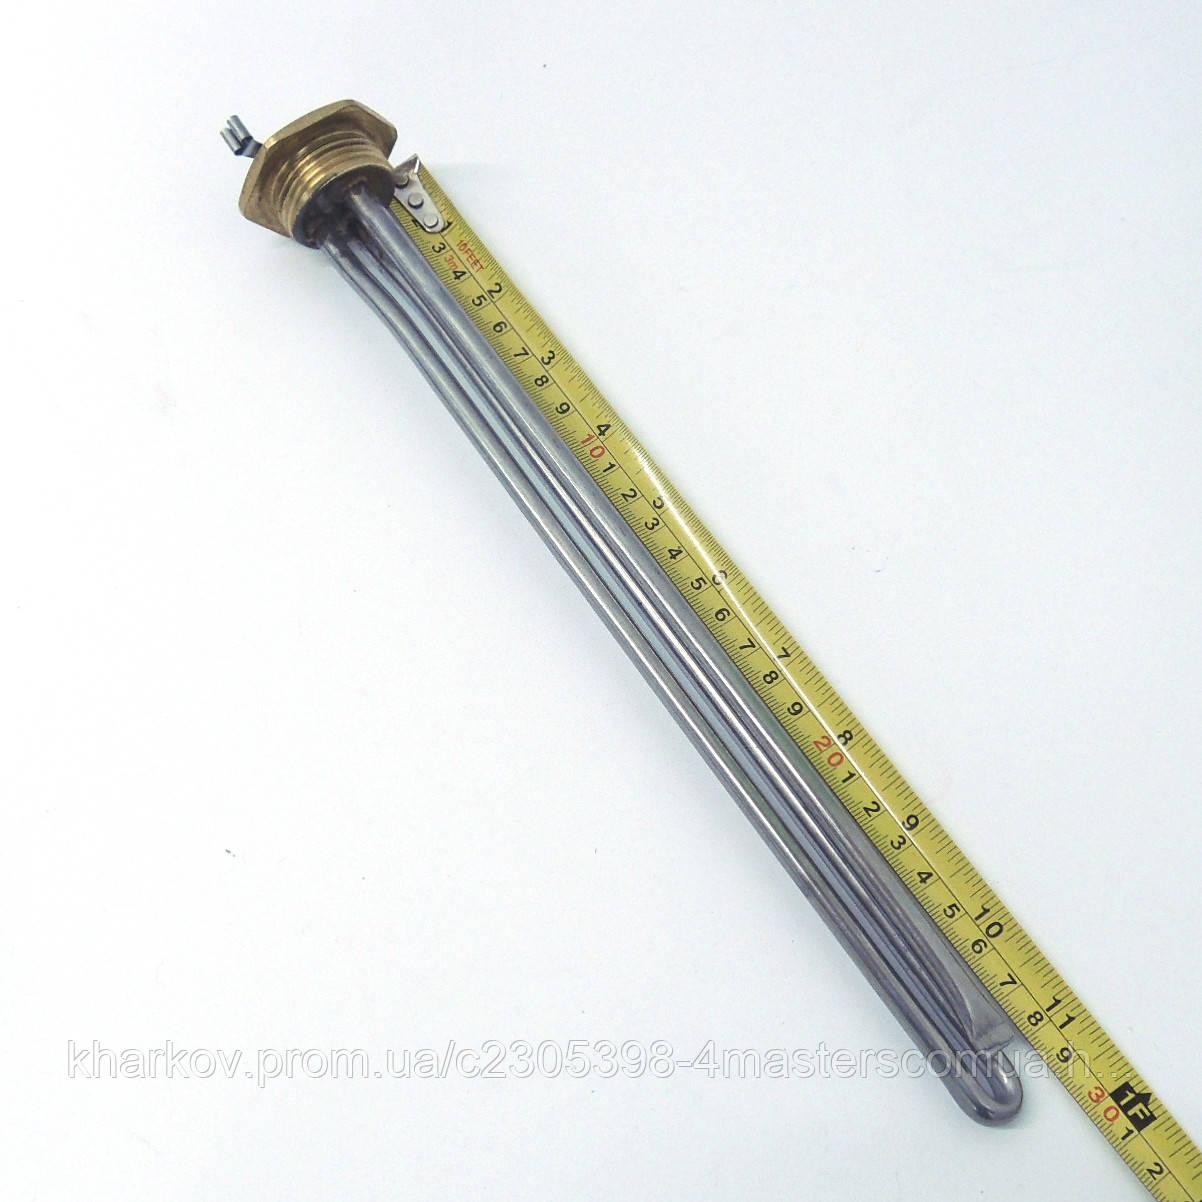 """ТЭН 500 Вт для алюминиевого радиатора, резьба G 1"""" (32,8 мм)"""